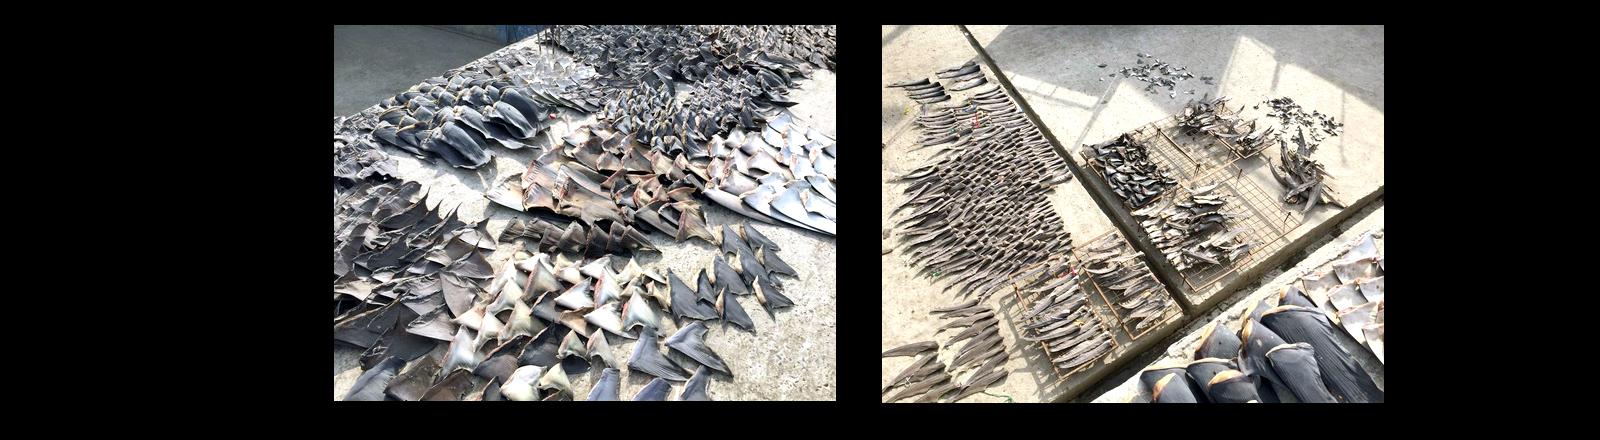 Auf dem Foto sind unzählige Haifischflossen zu erkennen.